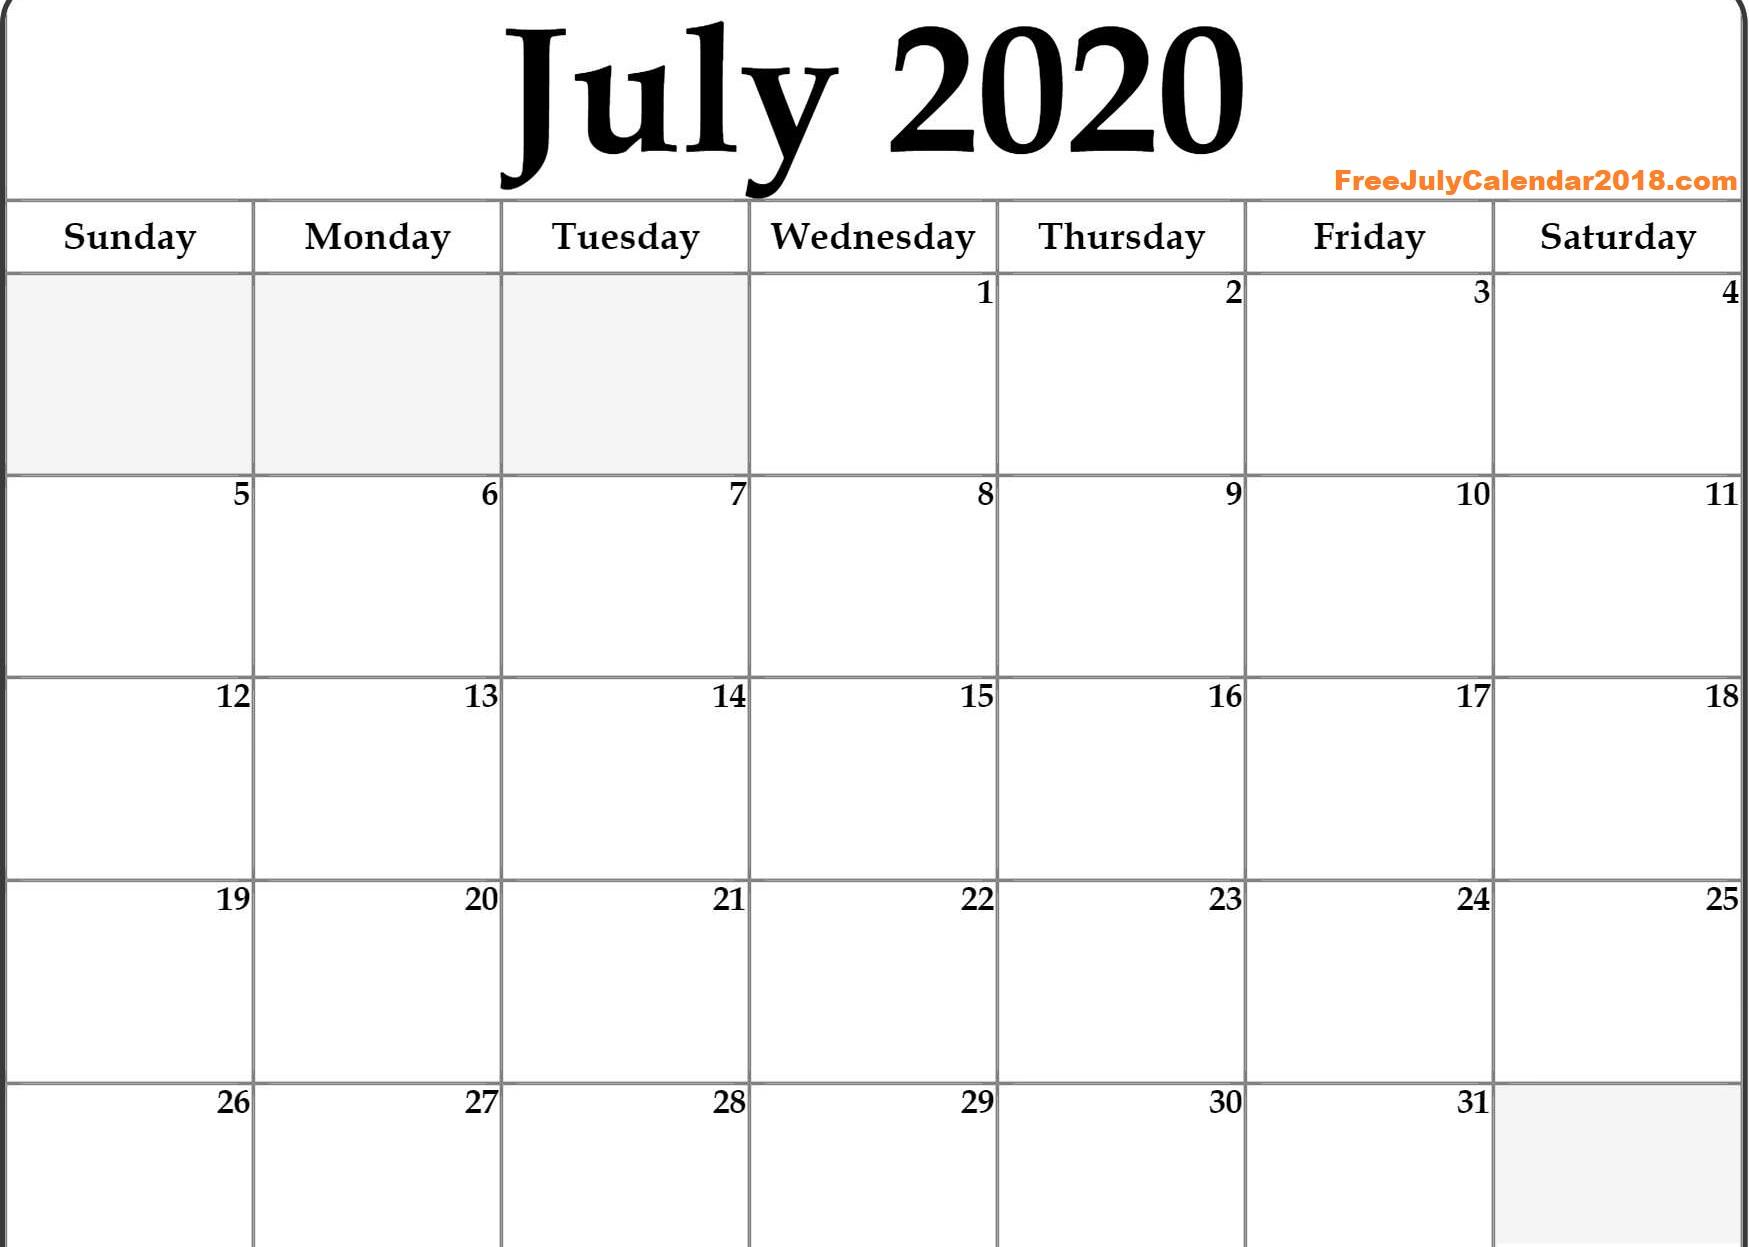 July 2020 MonthCalendar